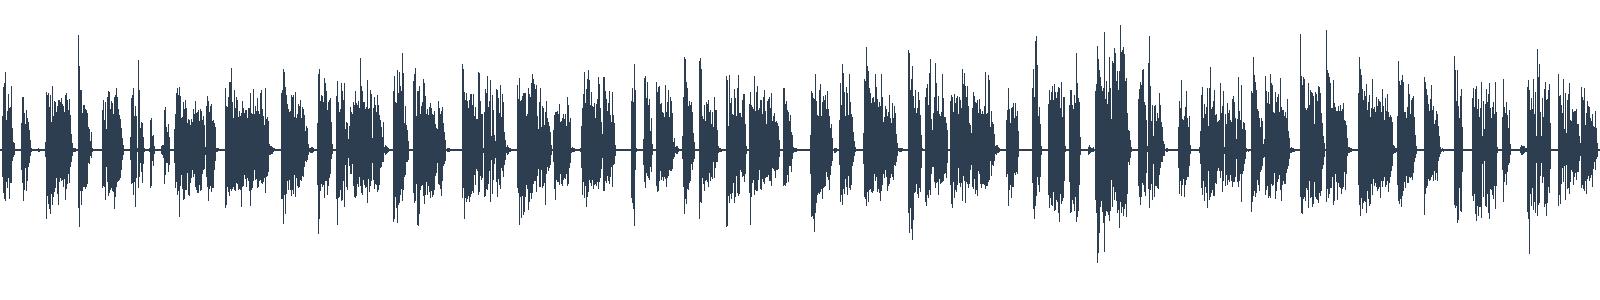 Prašina - ukázka z audioknihy waveform